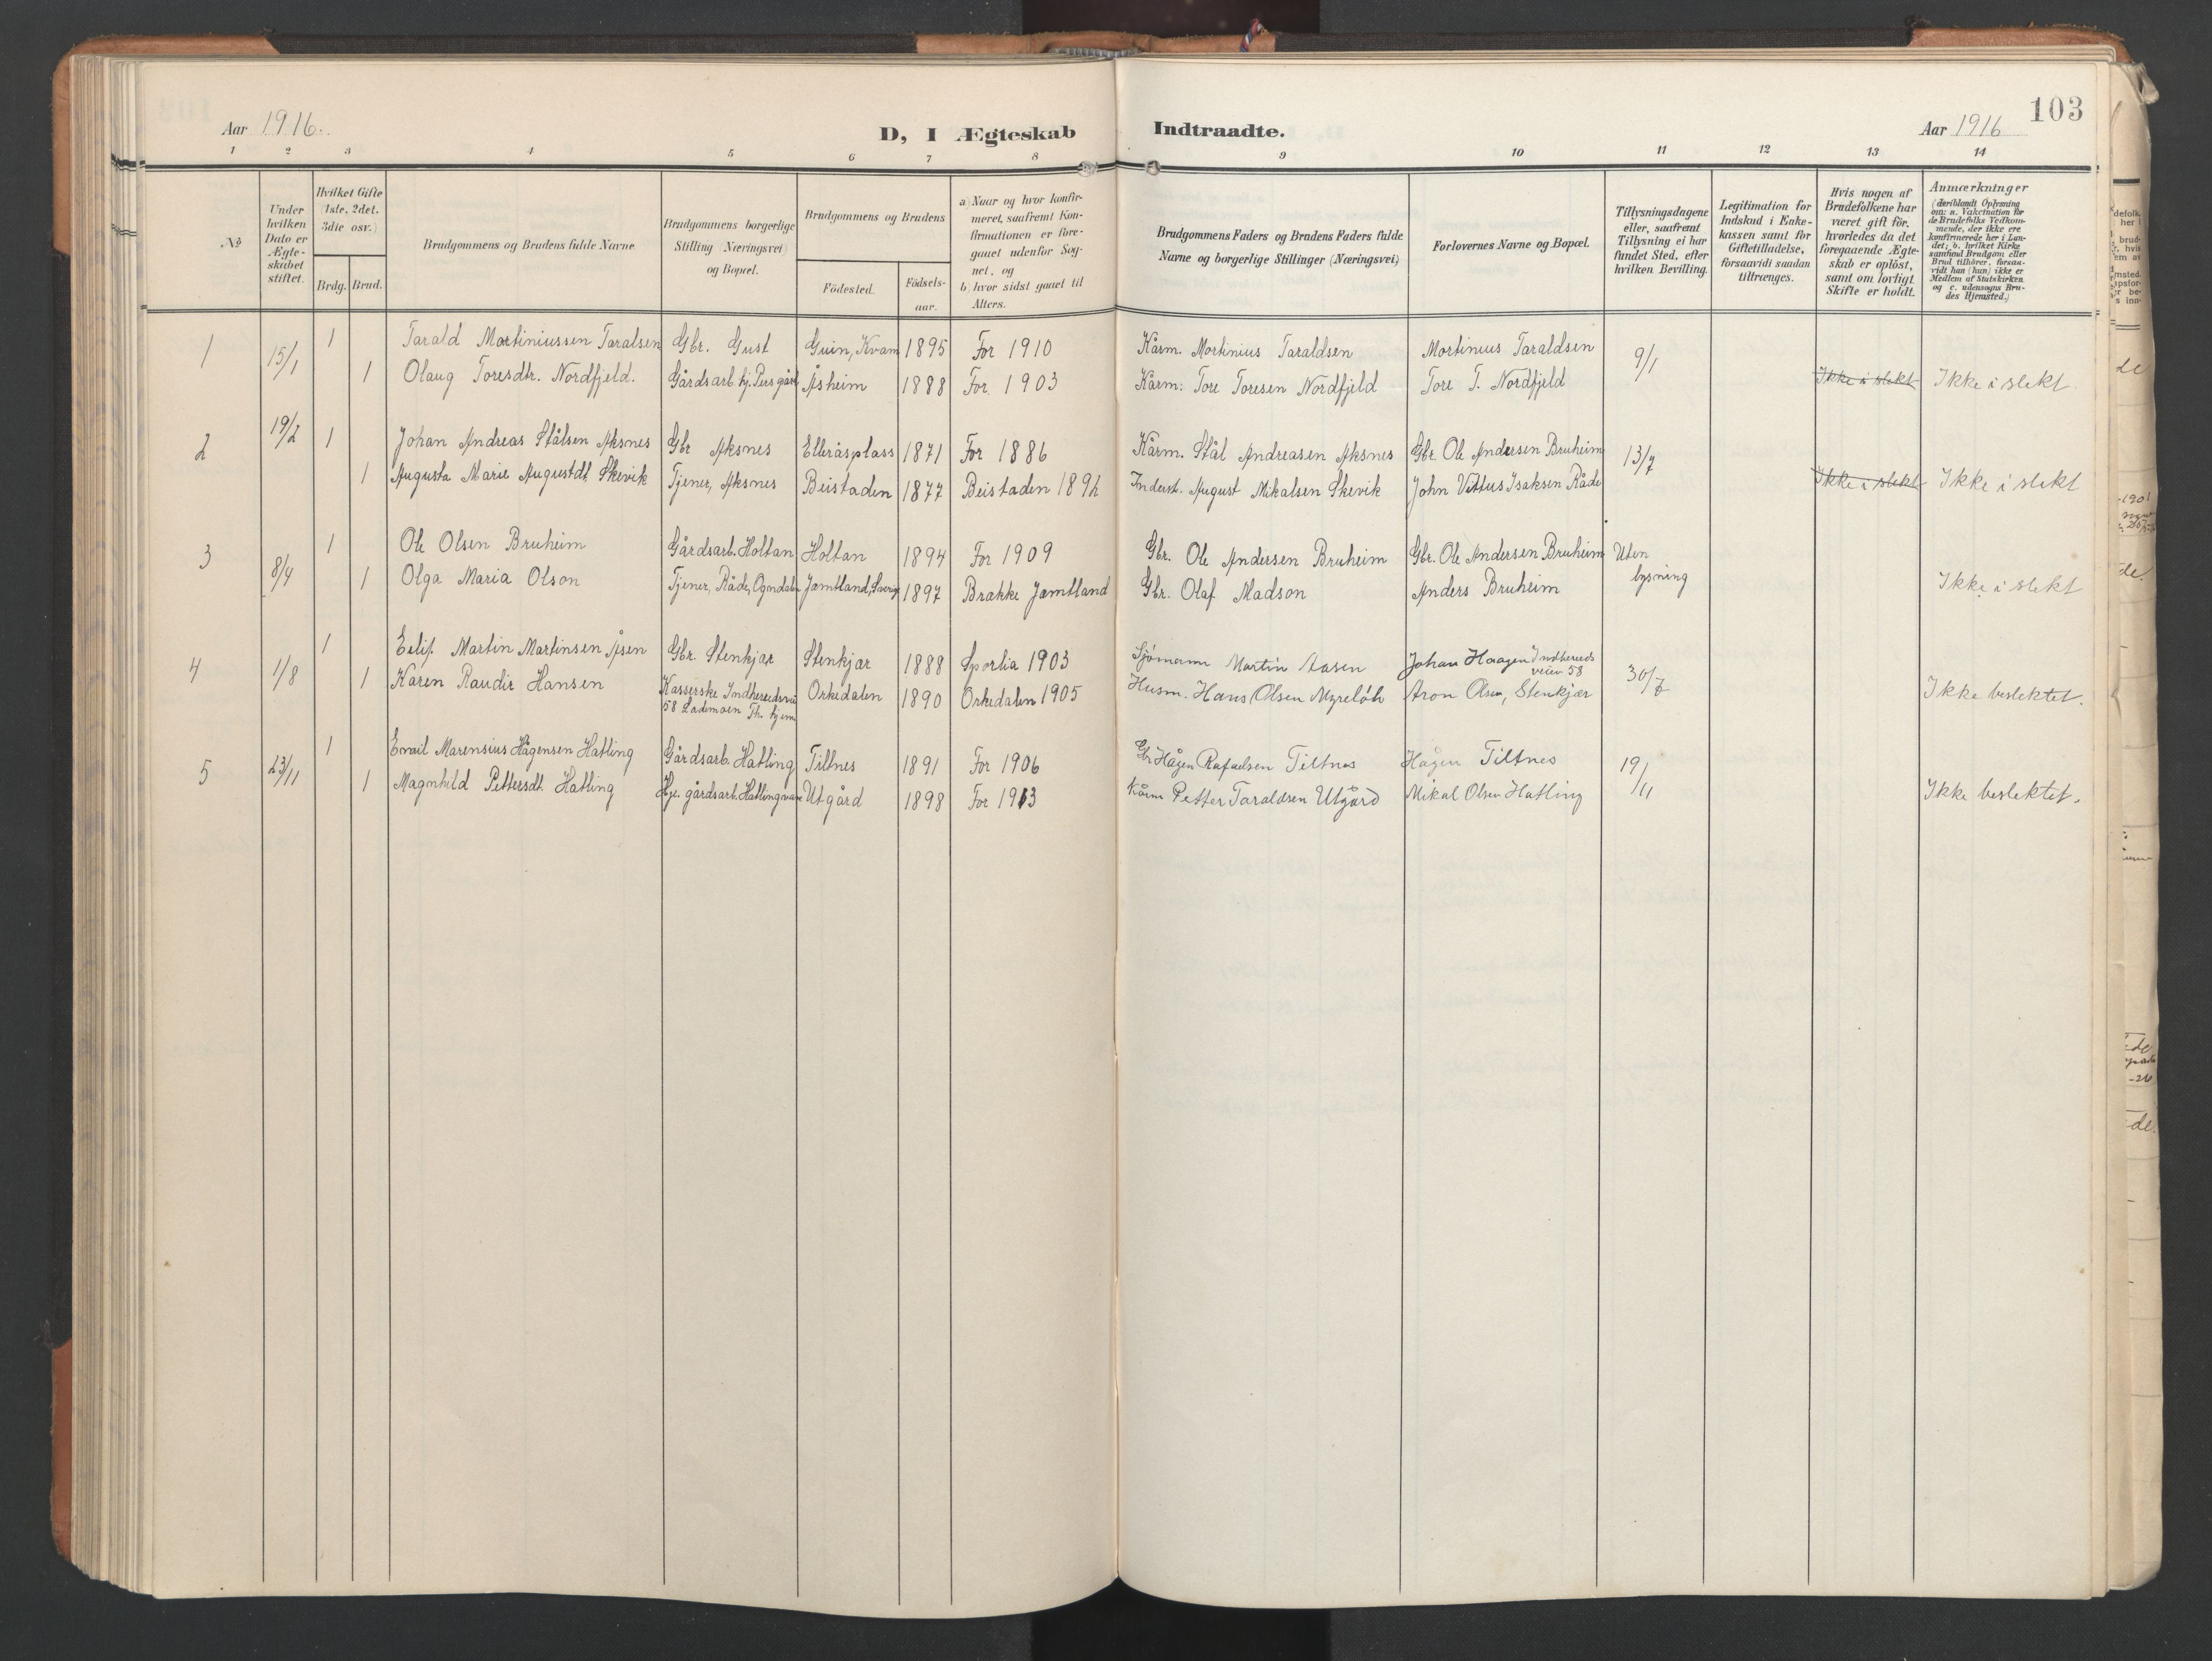 SAT, Ministerialprotokoller, klokkerbøker og fødselsregistre - Nord-Trøndelag, 746/L0455: Klokkerbok nr. 746C01, 1908-1933, s. 103